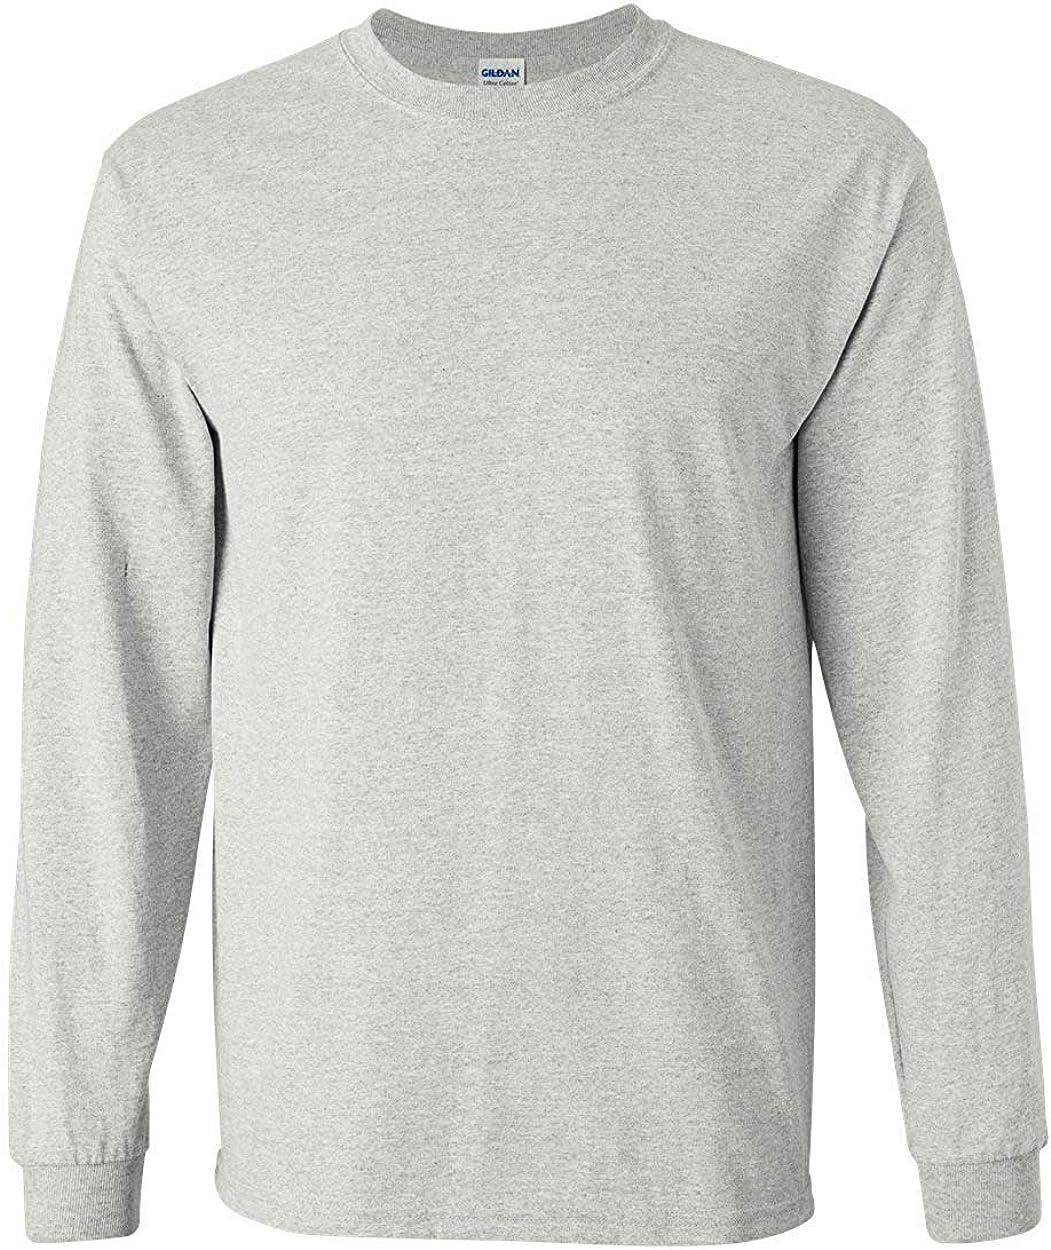 41 L Nice Black 2 button Notch Tuxedo Wool Coat Pants Vest Tie Shirt TUXXMAN